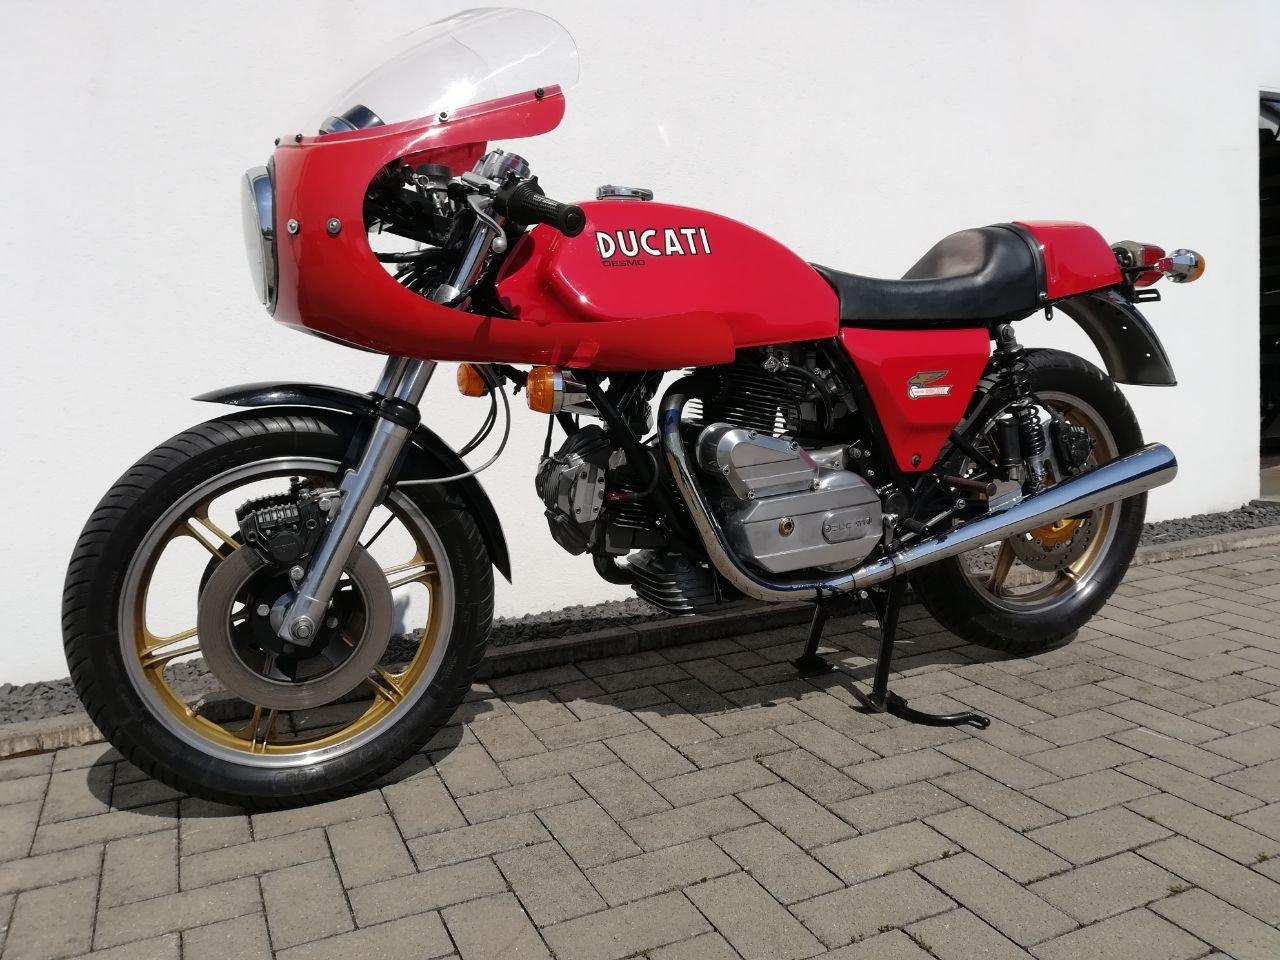 1983 Ducati 900 SS / D Imola Replica Bevel Desmo For Sale (picture 2 of 6)